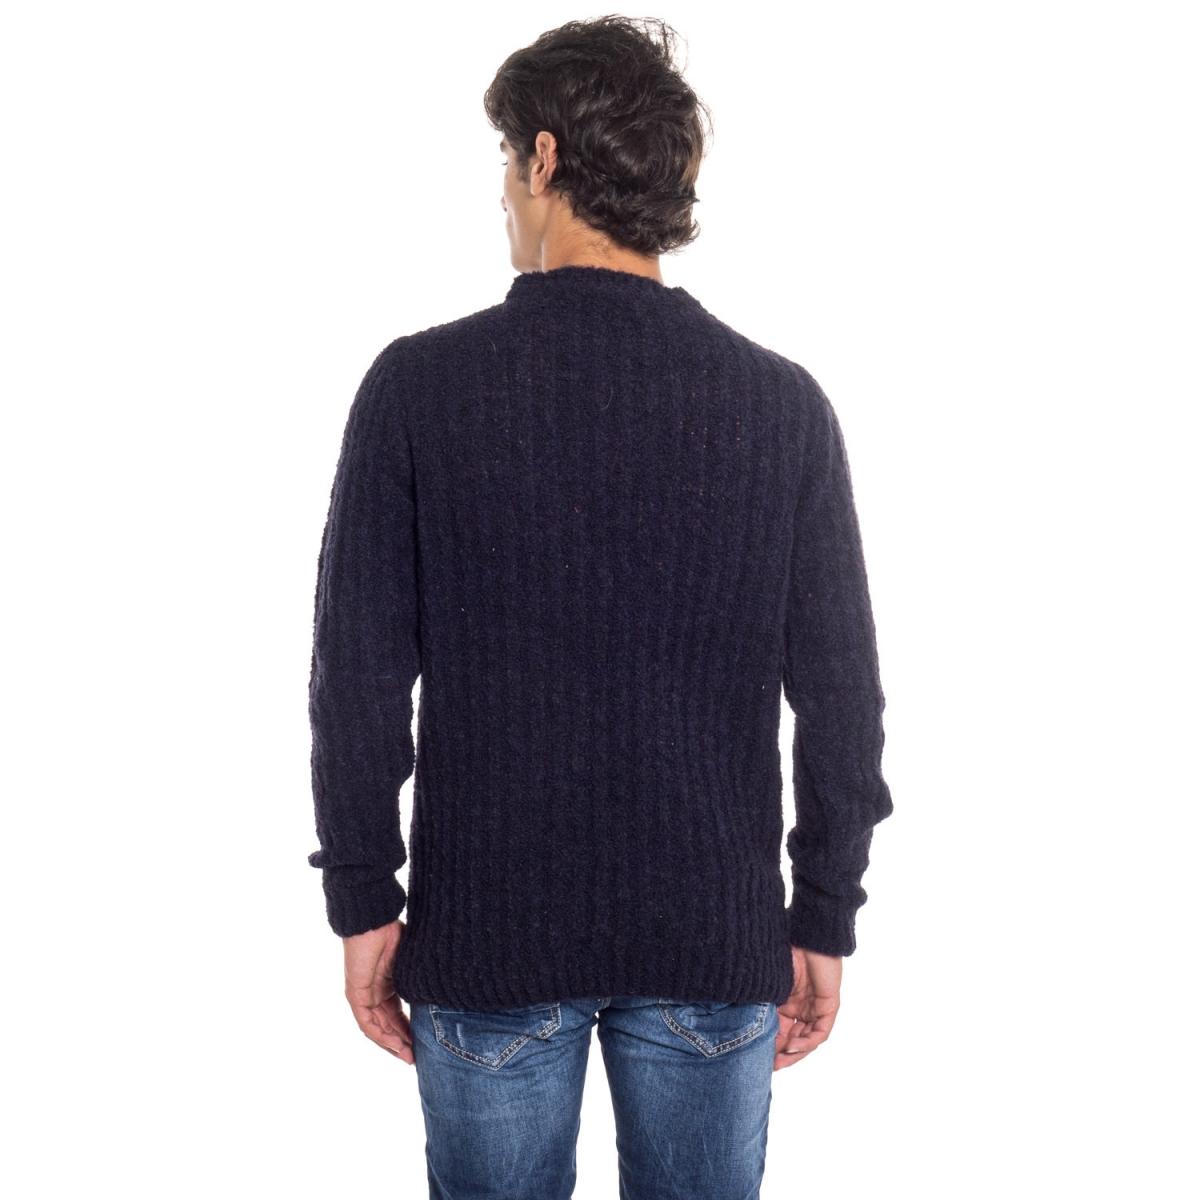 ropa Prendas de punto hombre Maglia GLBW772 GIANNI LUPO Cafedelmar Shop